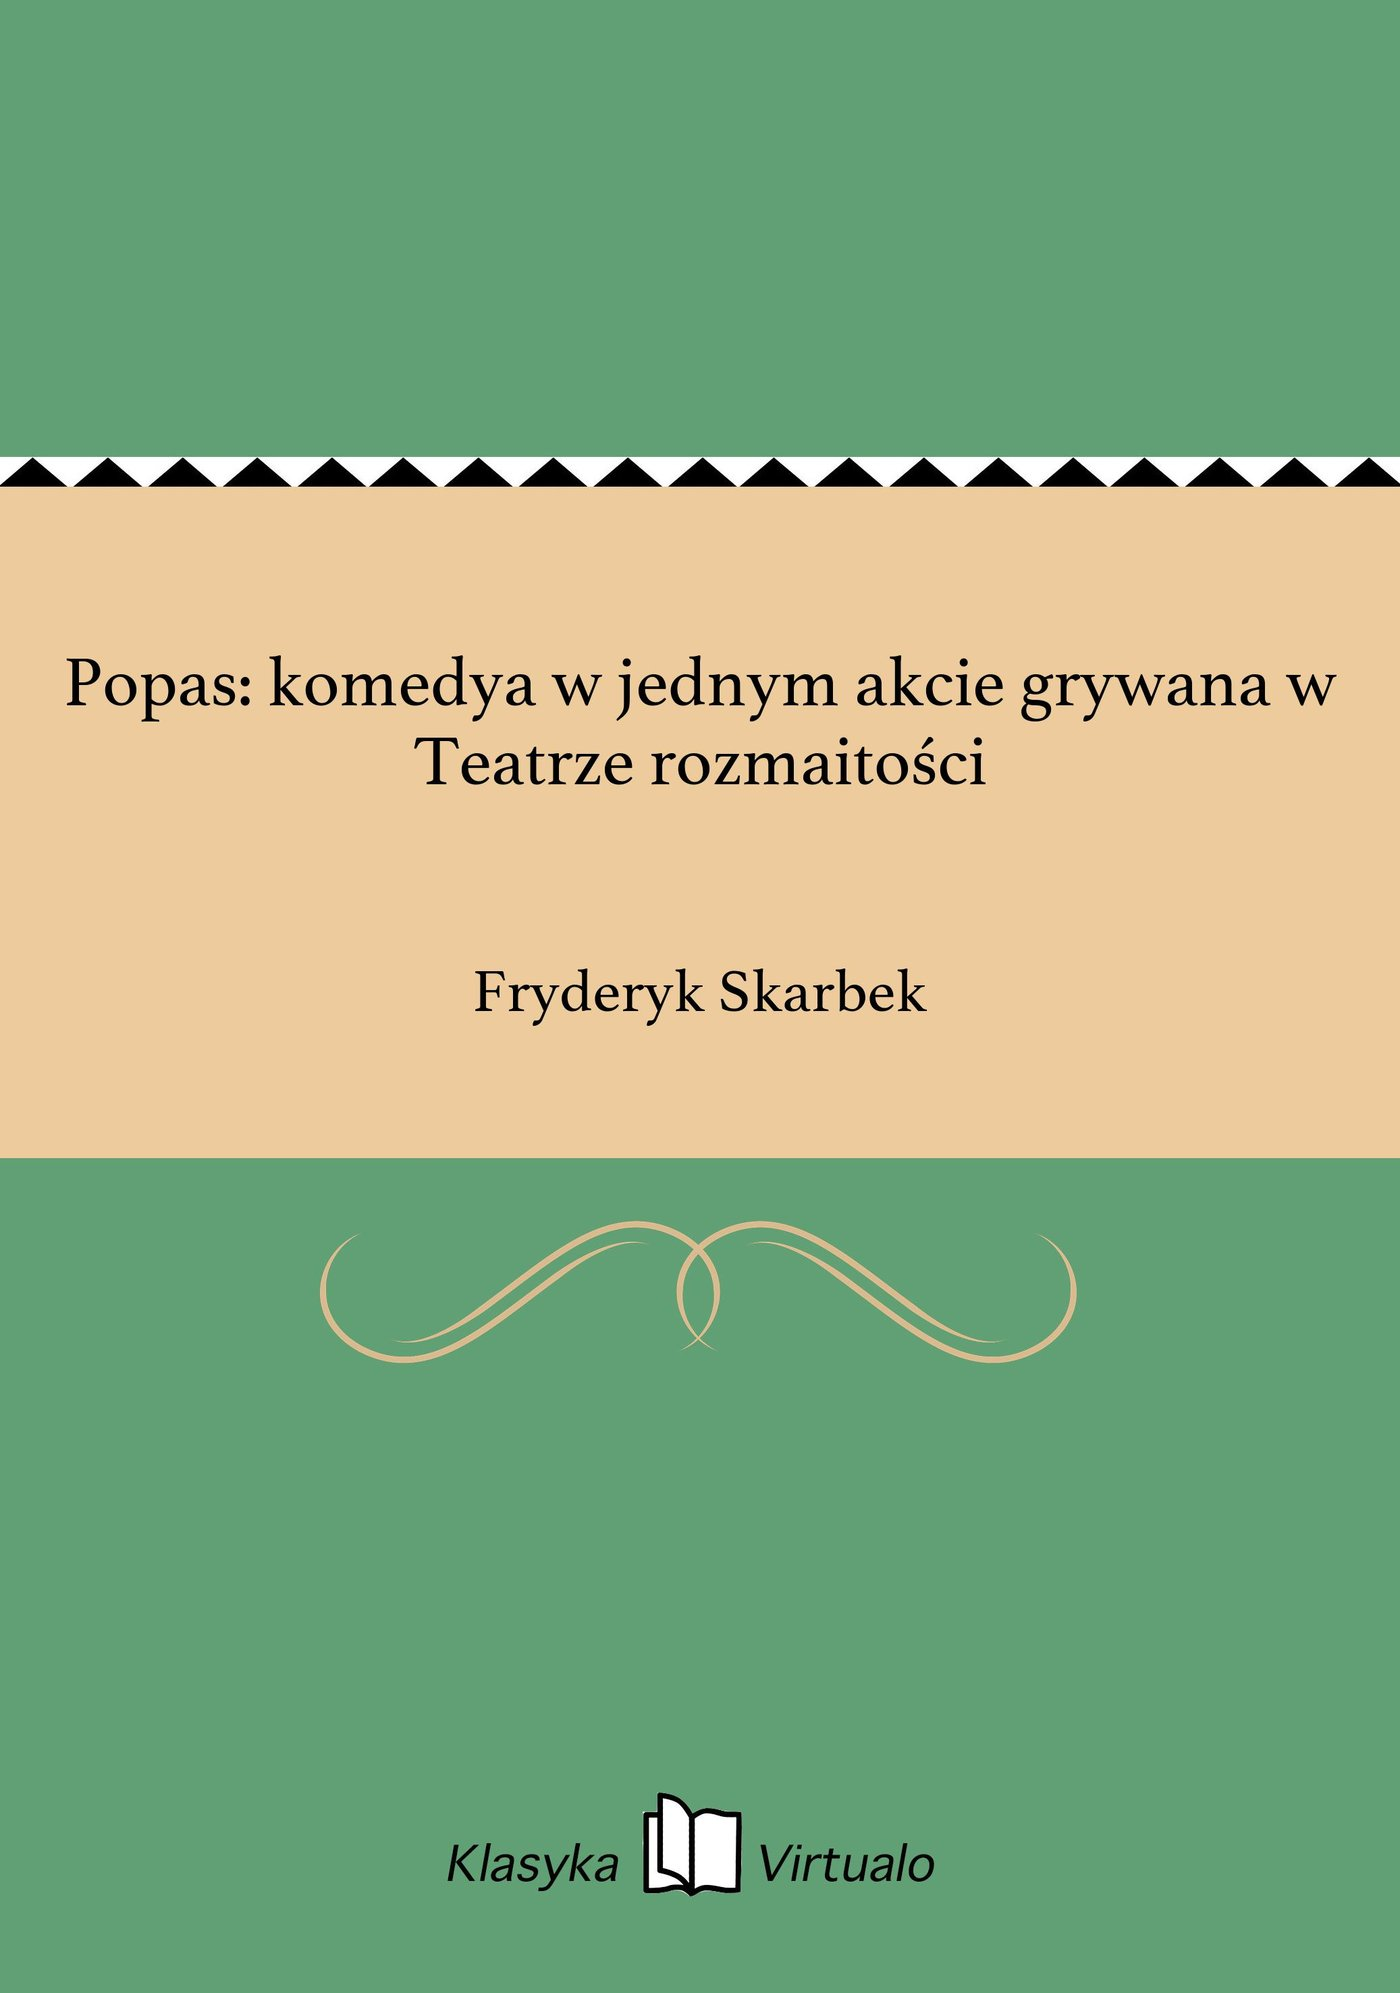 Popas: komedya w jednym akcie grywana w Teatrze rozmaitości - Ebook (Książka na Kindle) do pobrania w formacie MOBI